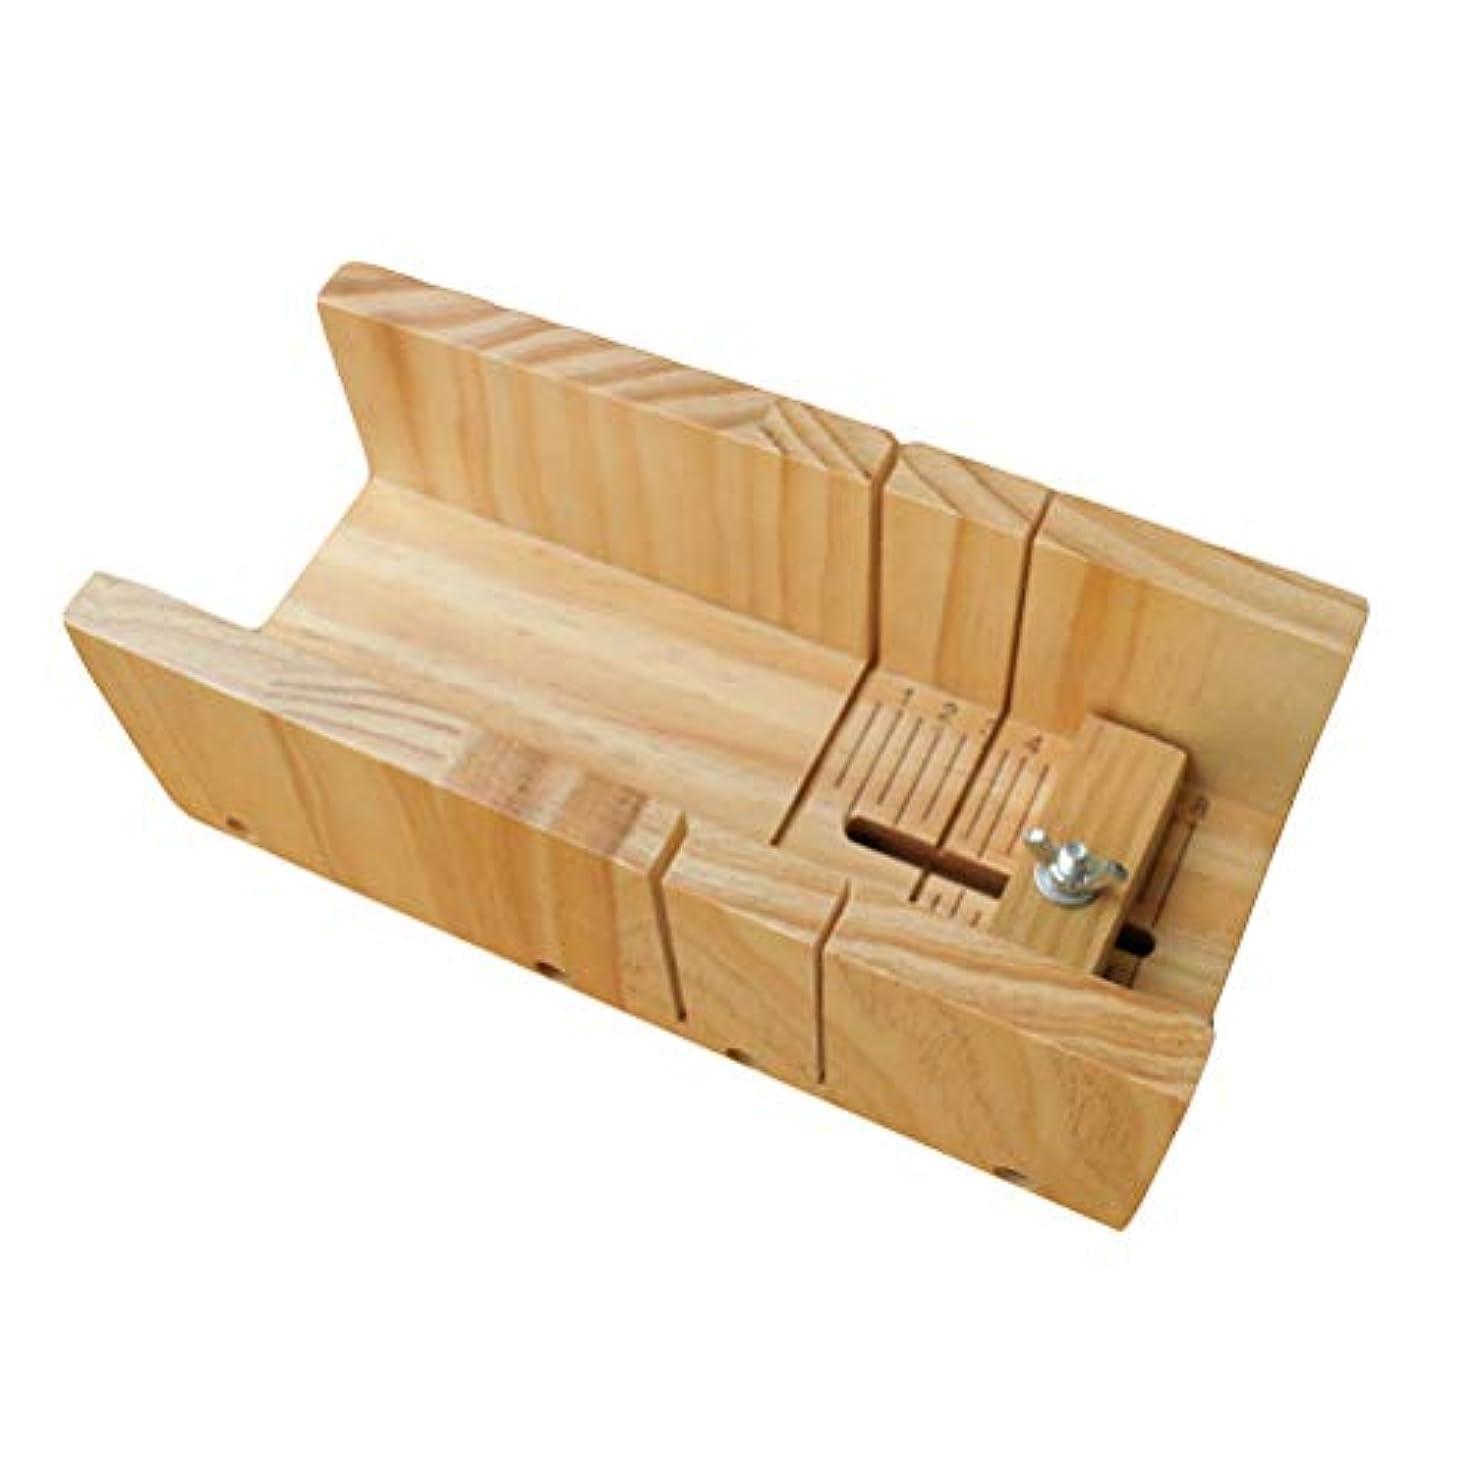 けん引量未来SUPVOX ウッドソープローフカッター金型調整可能カッター金型ボックスソープ作りツール(ウッドカラー)